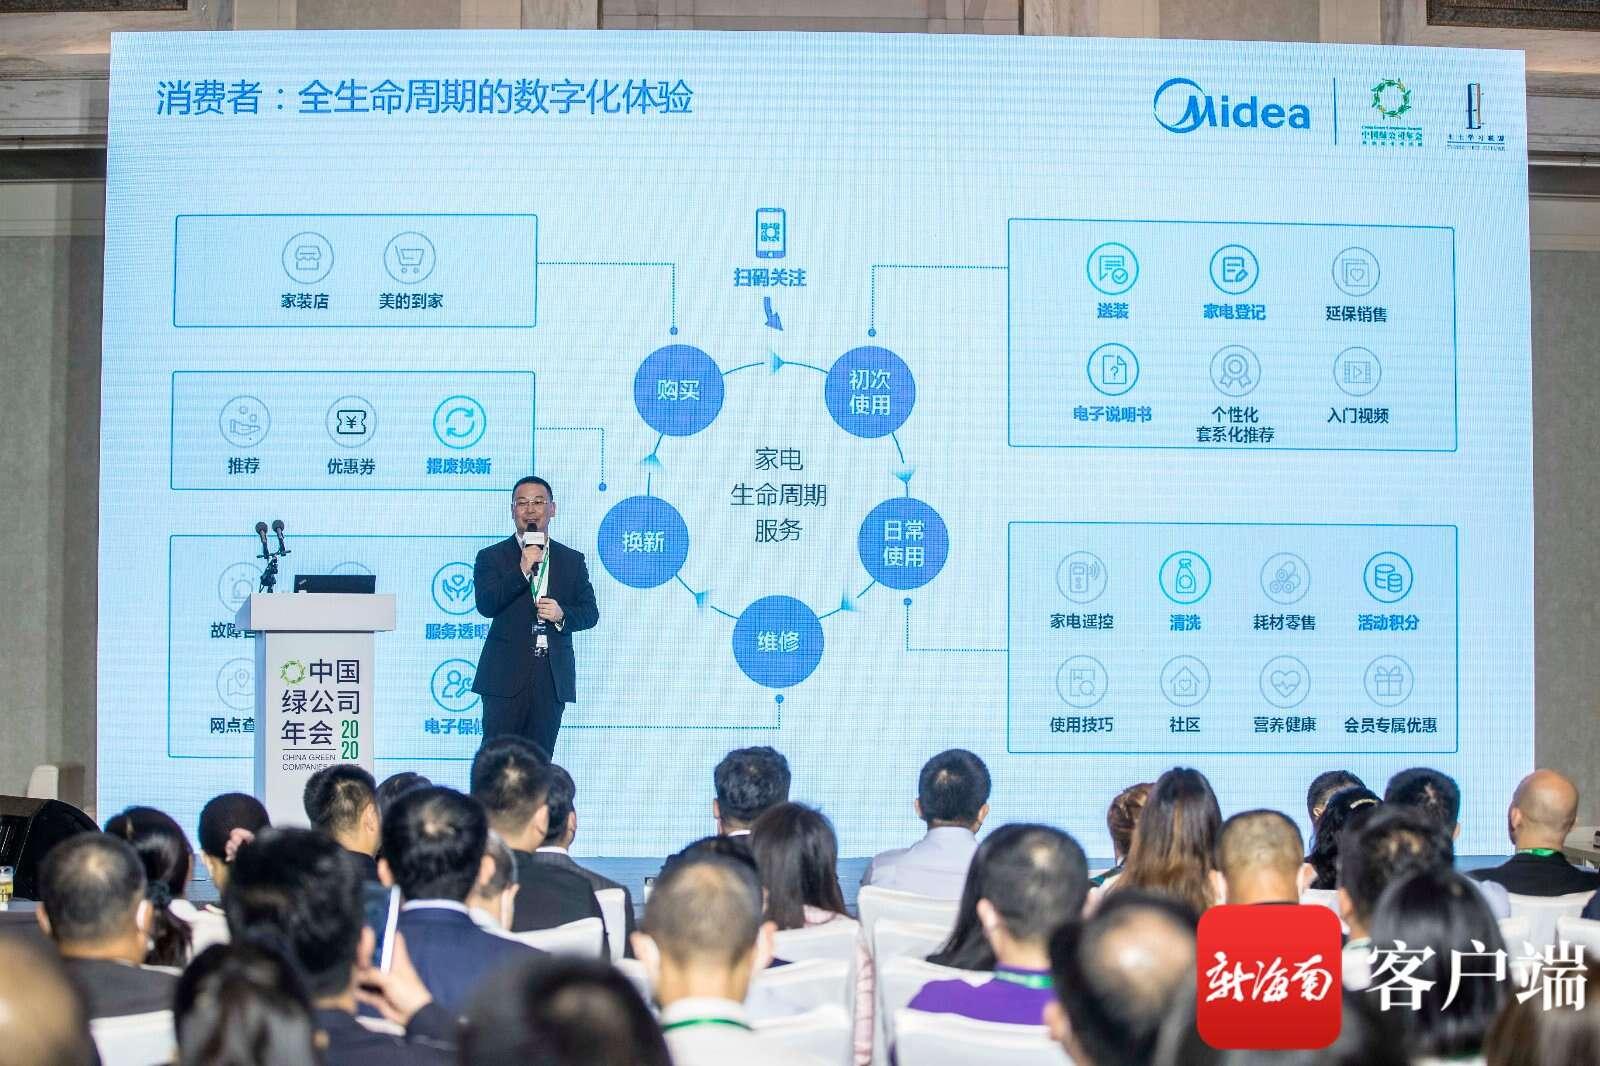 椰視頻丨2020(第13屆)中國綠公司年會在海南海口正式召開首日共有6場論壇陸續舉辦